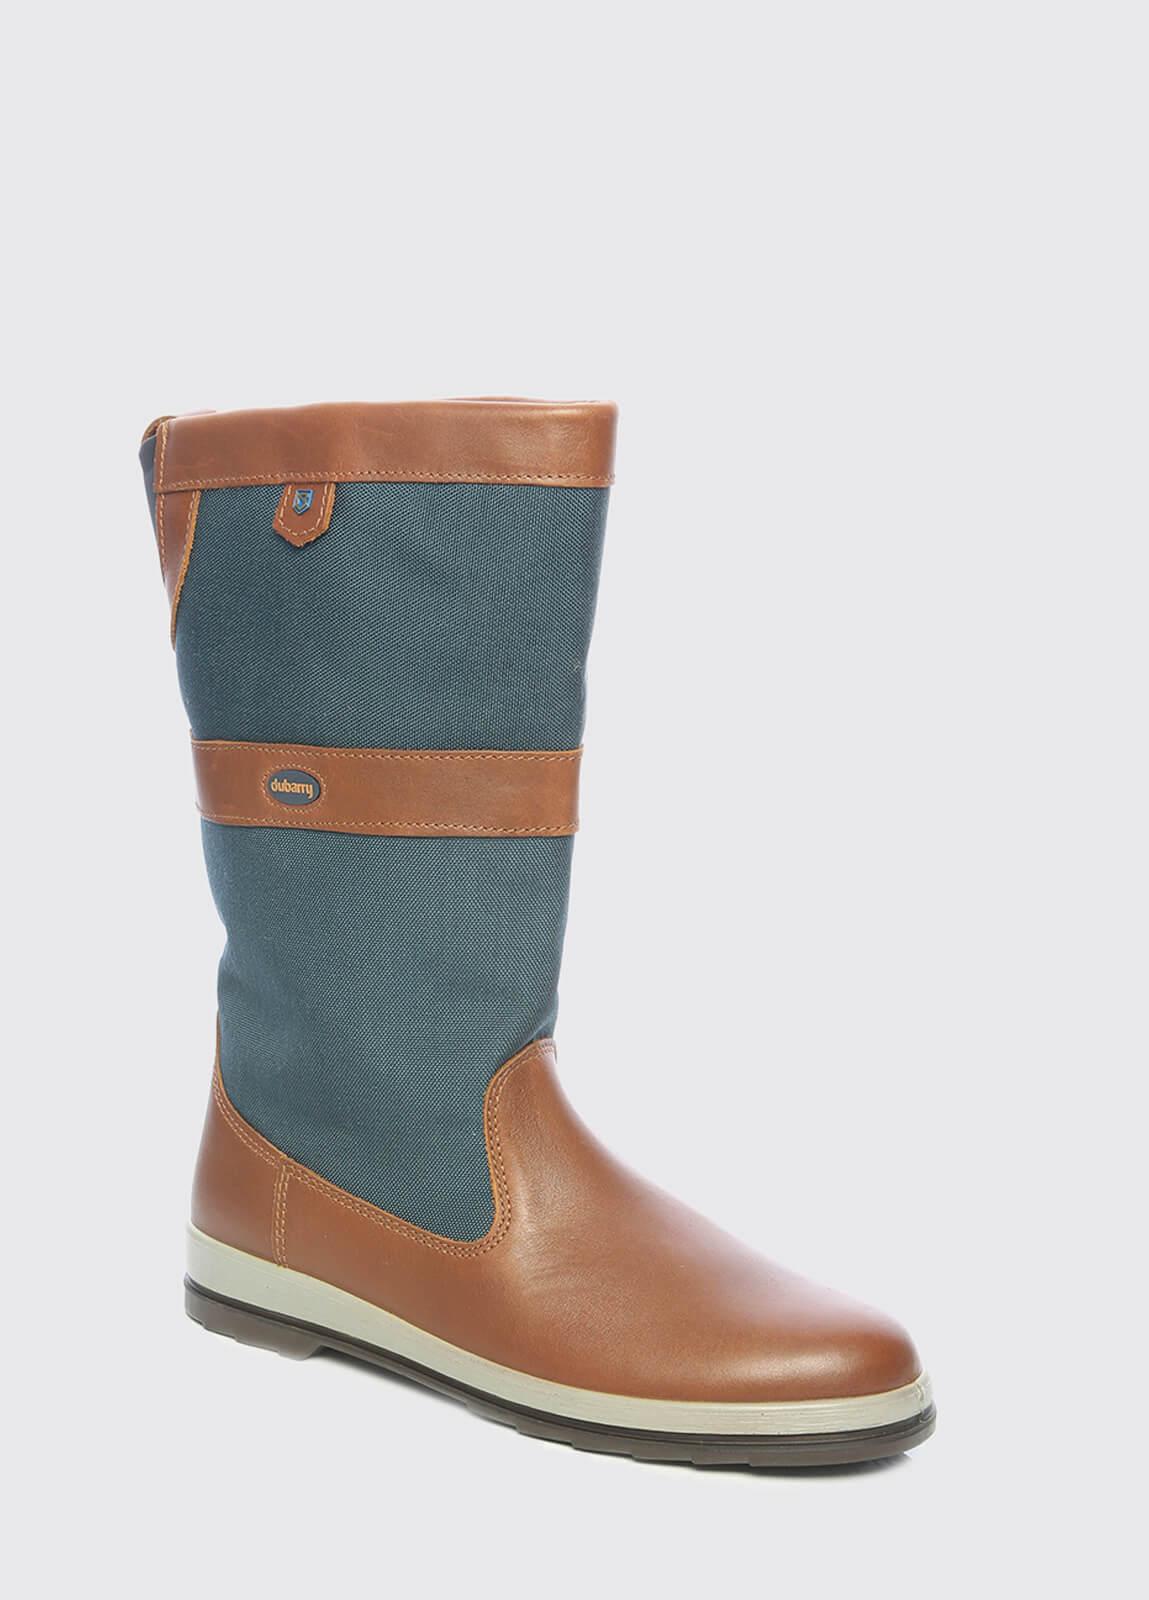 Shamrock Sailing Boots - Navy/Brown